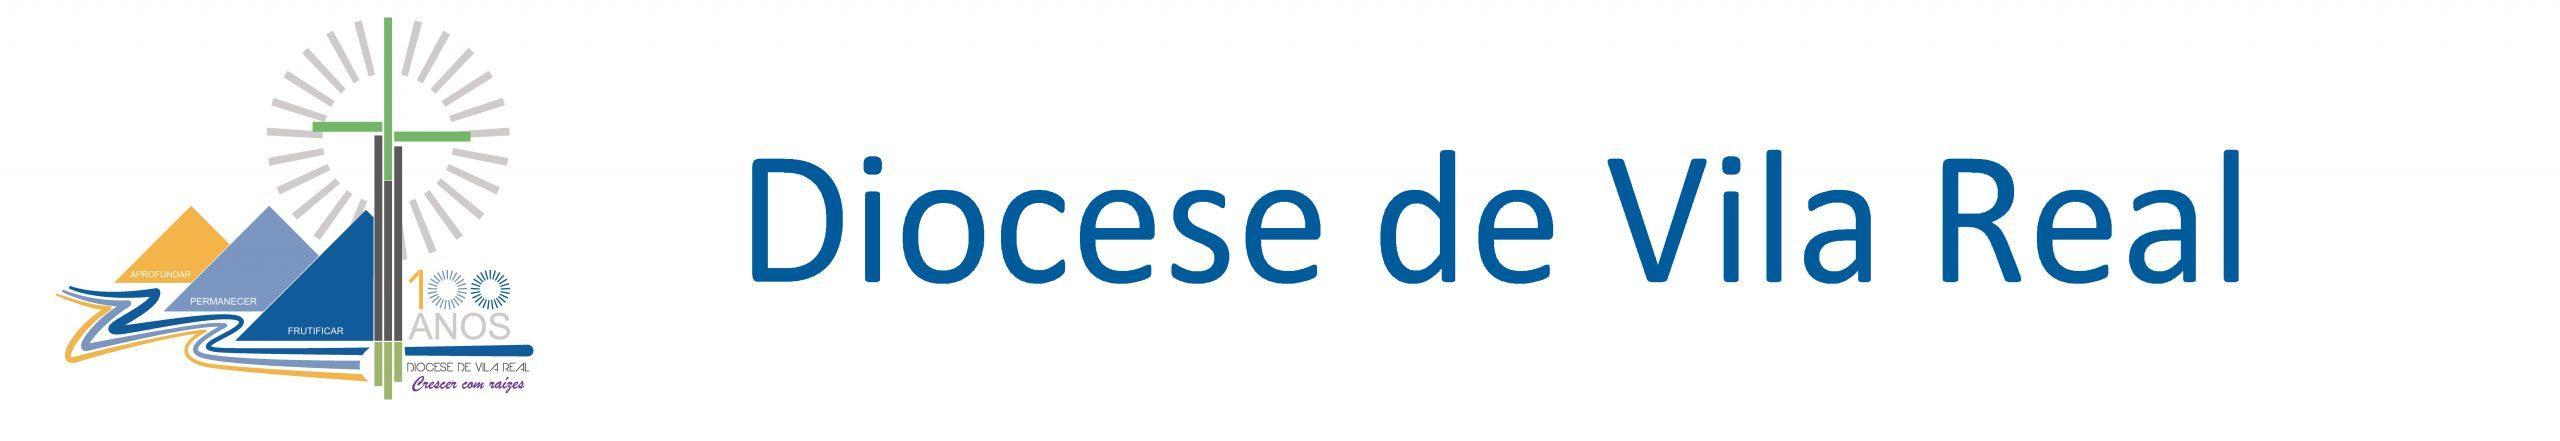 Diocese de Vila Real